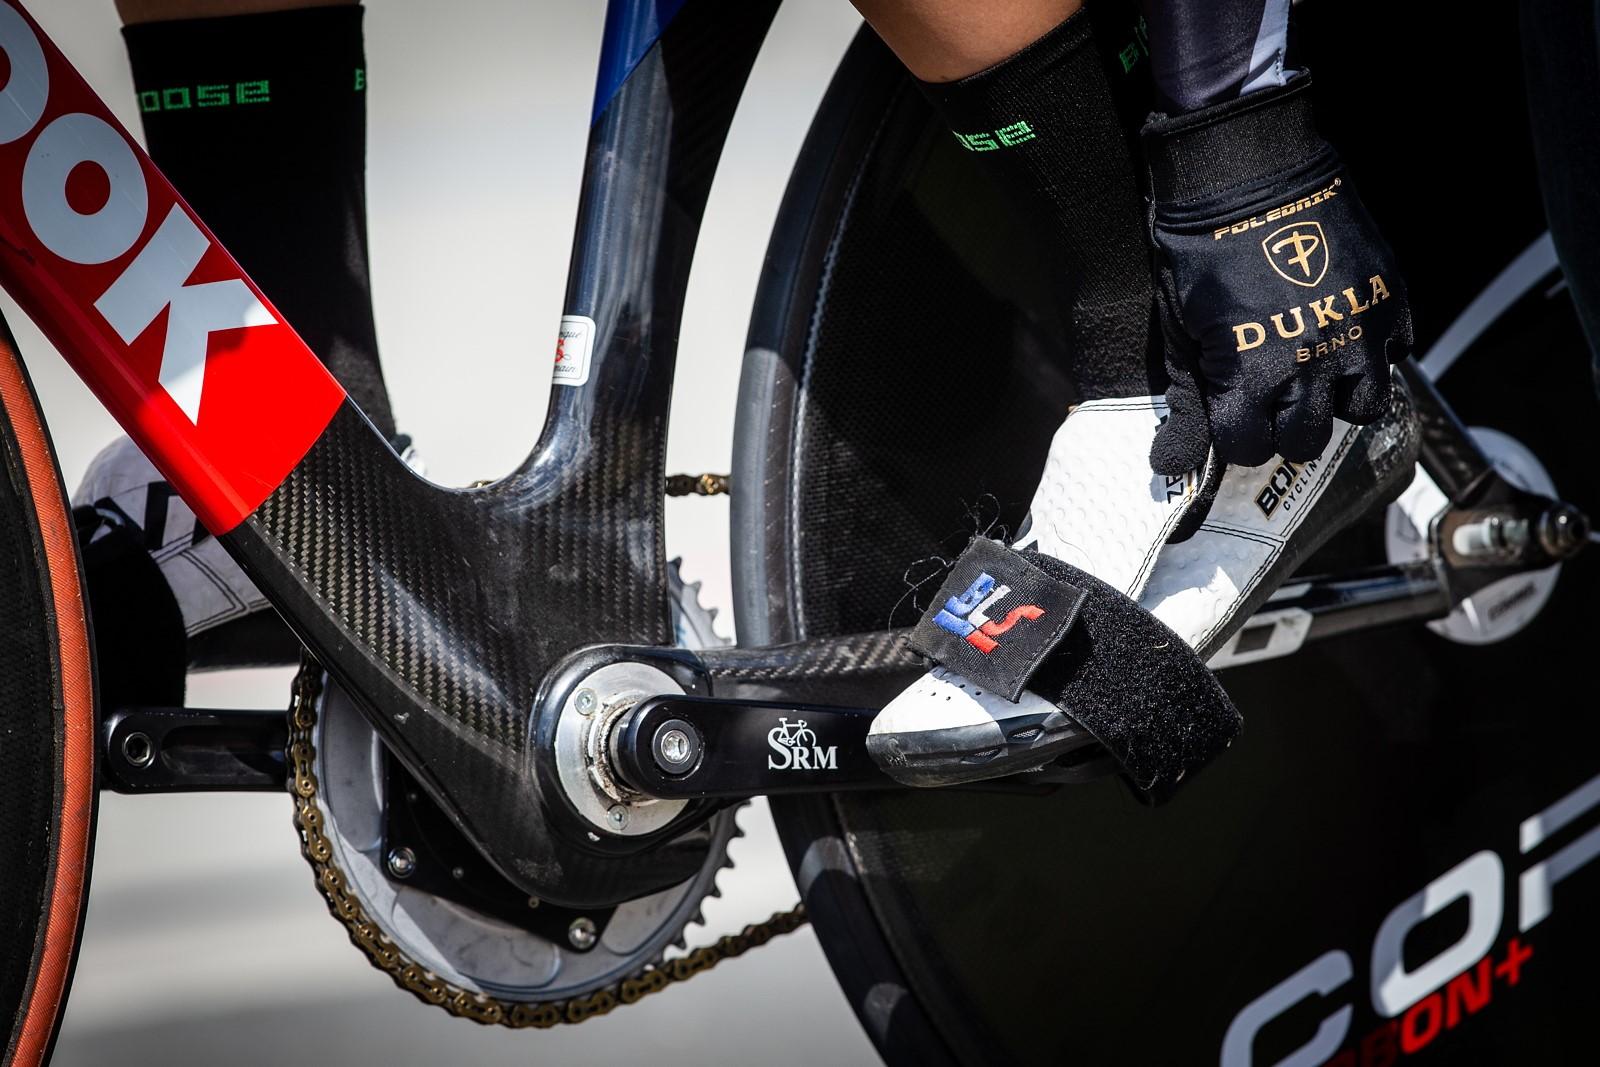 Dráhová cyklistika, to jsou kola s pevným převodem, bez brzd a nohy v nášlapných pedálech navíc jistí i řemínky. Foto: Michal Červený